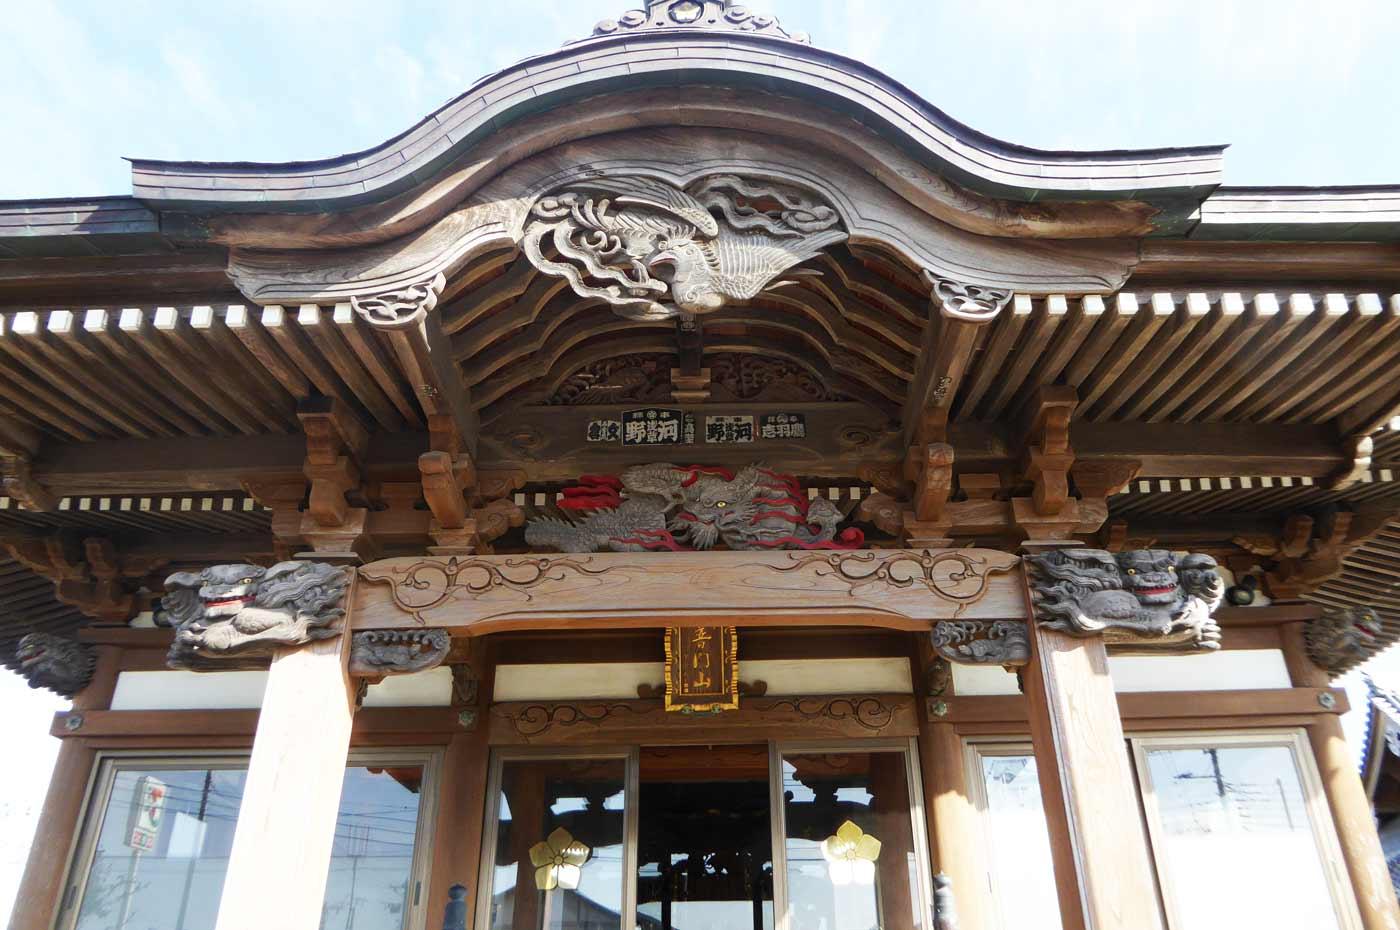 向拝の彫刻(龍・懸魚・木鼻)の画像